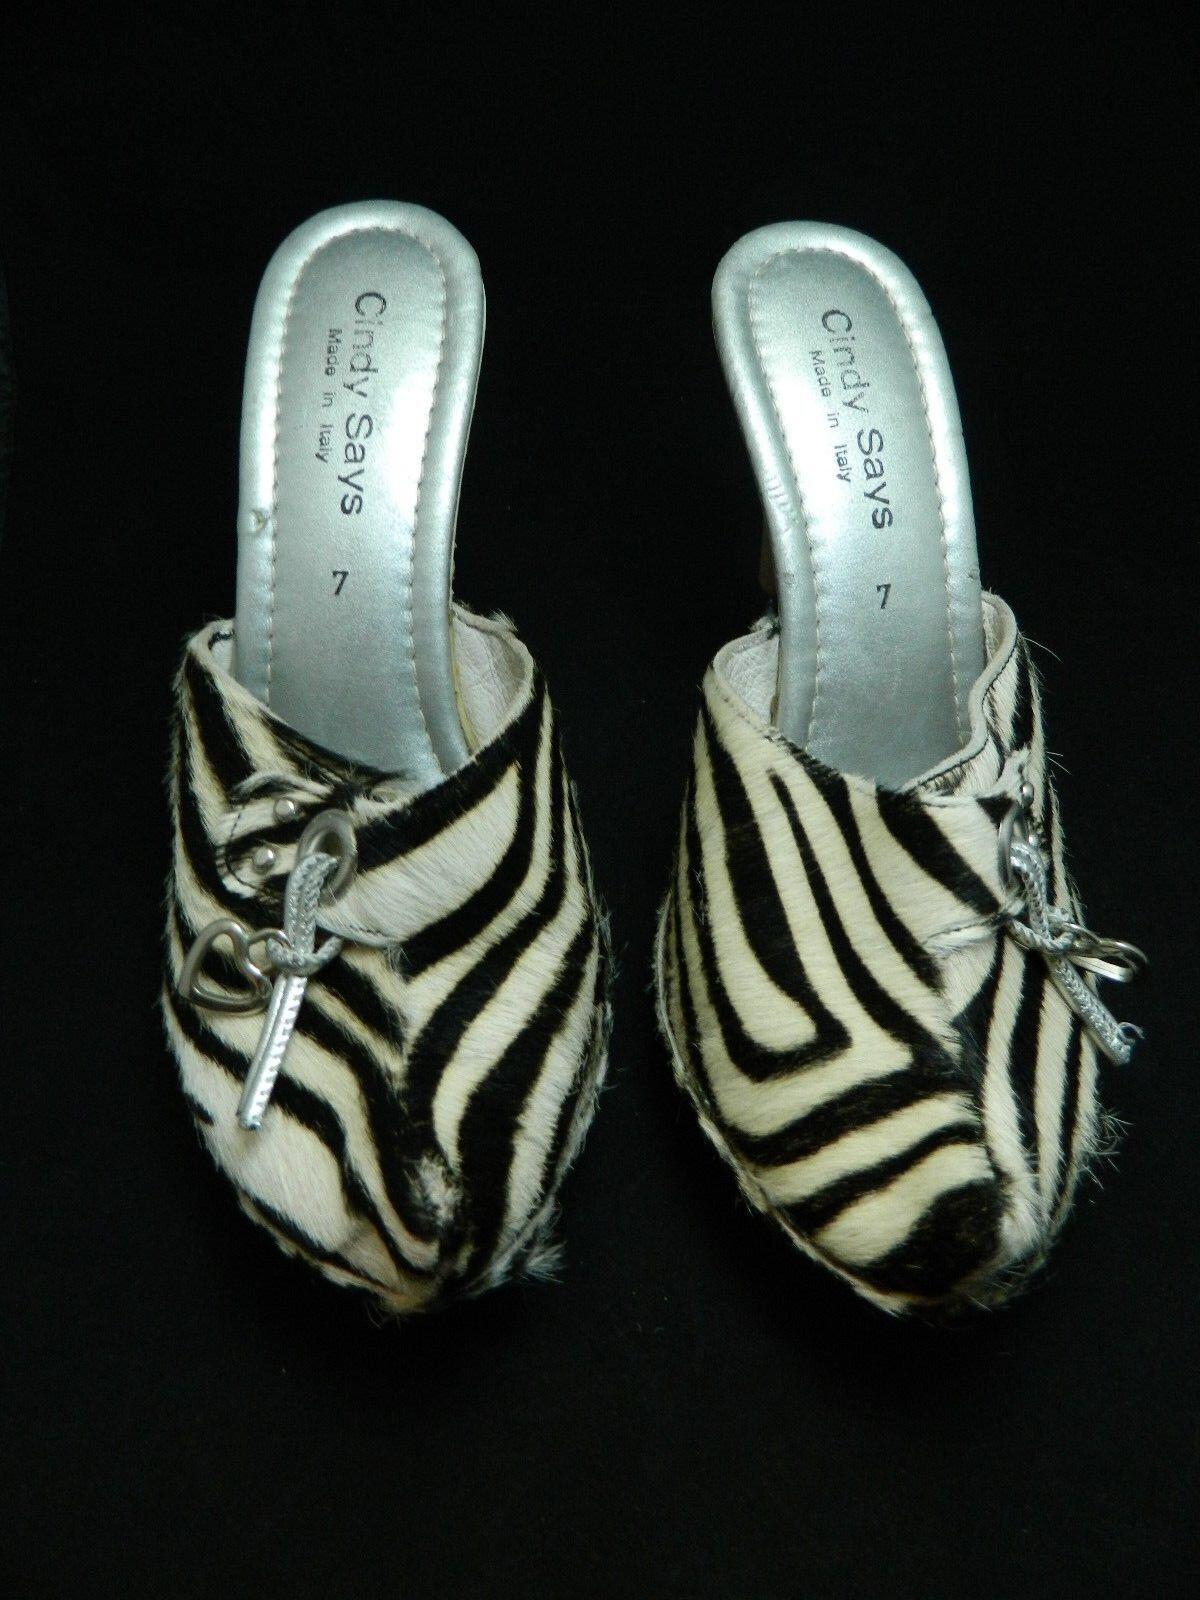 Cindy Says Clogs Clogs Clogs Zebra Black White Pony Hair Black Calf Pumps  Sz 7 bf3003